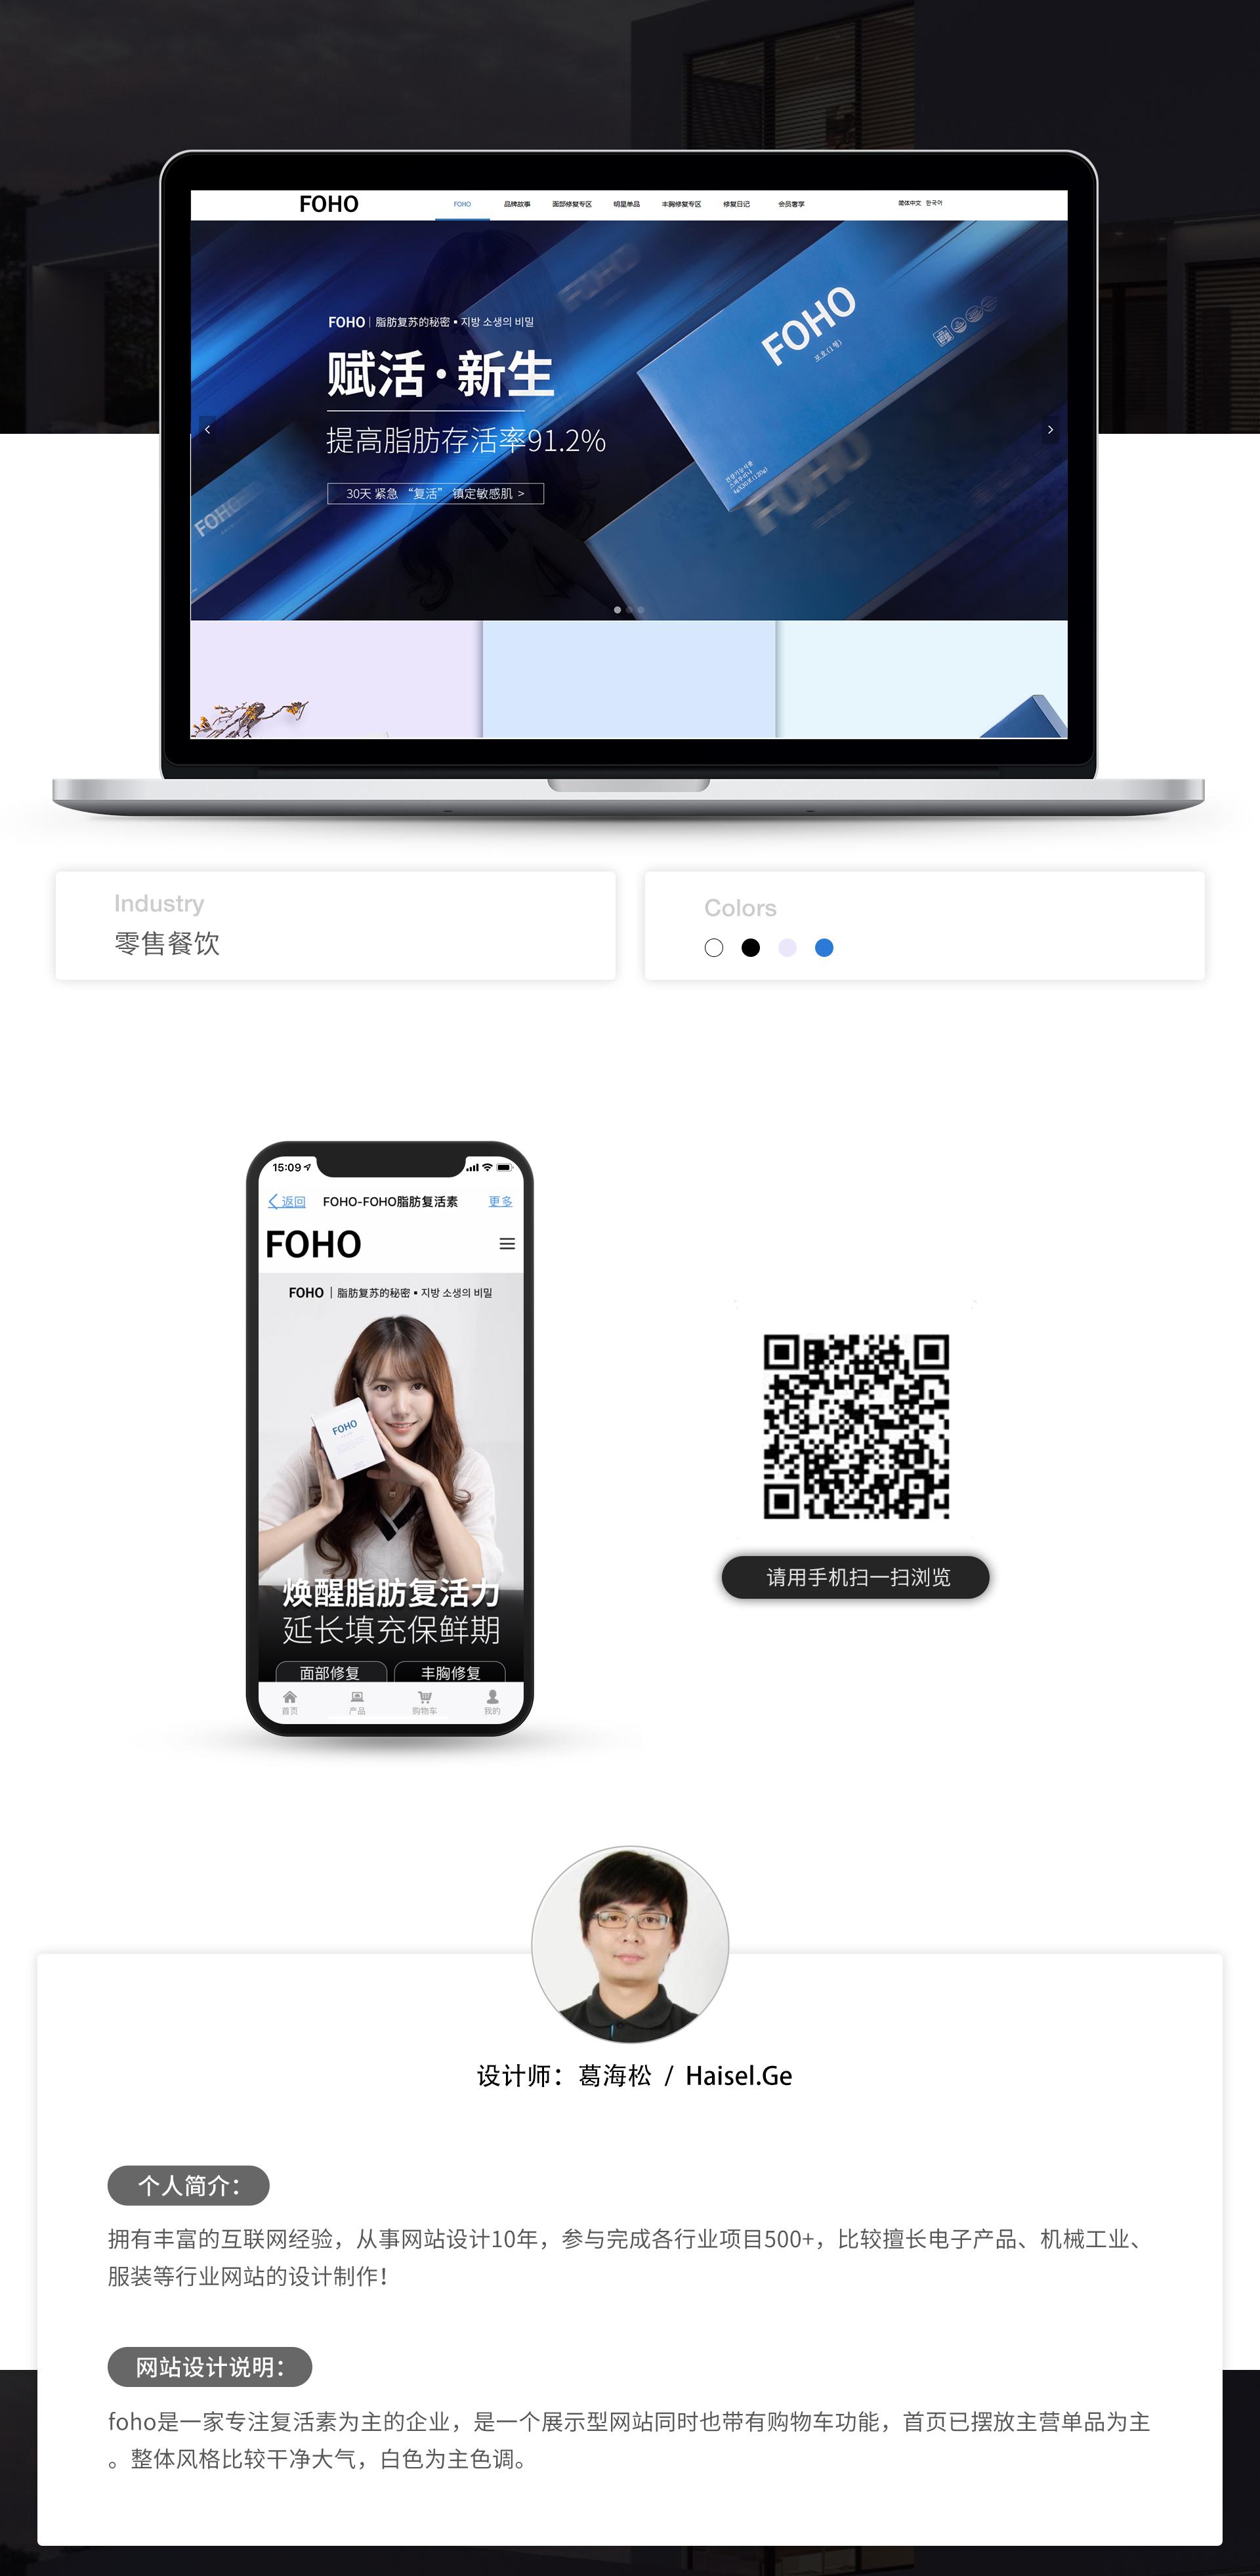 宁波飞色-葛海松-云企案例设计简介-foho_01